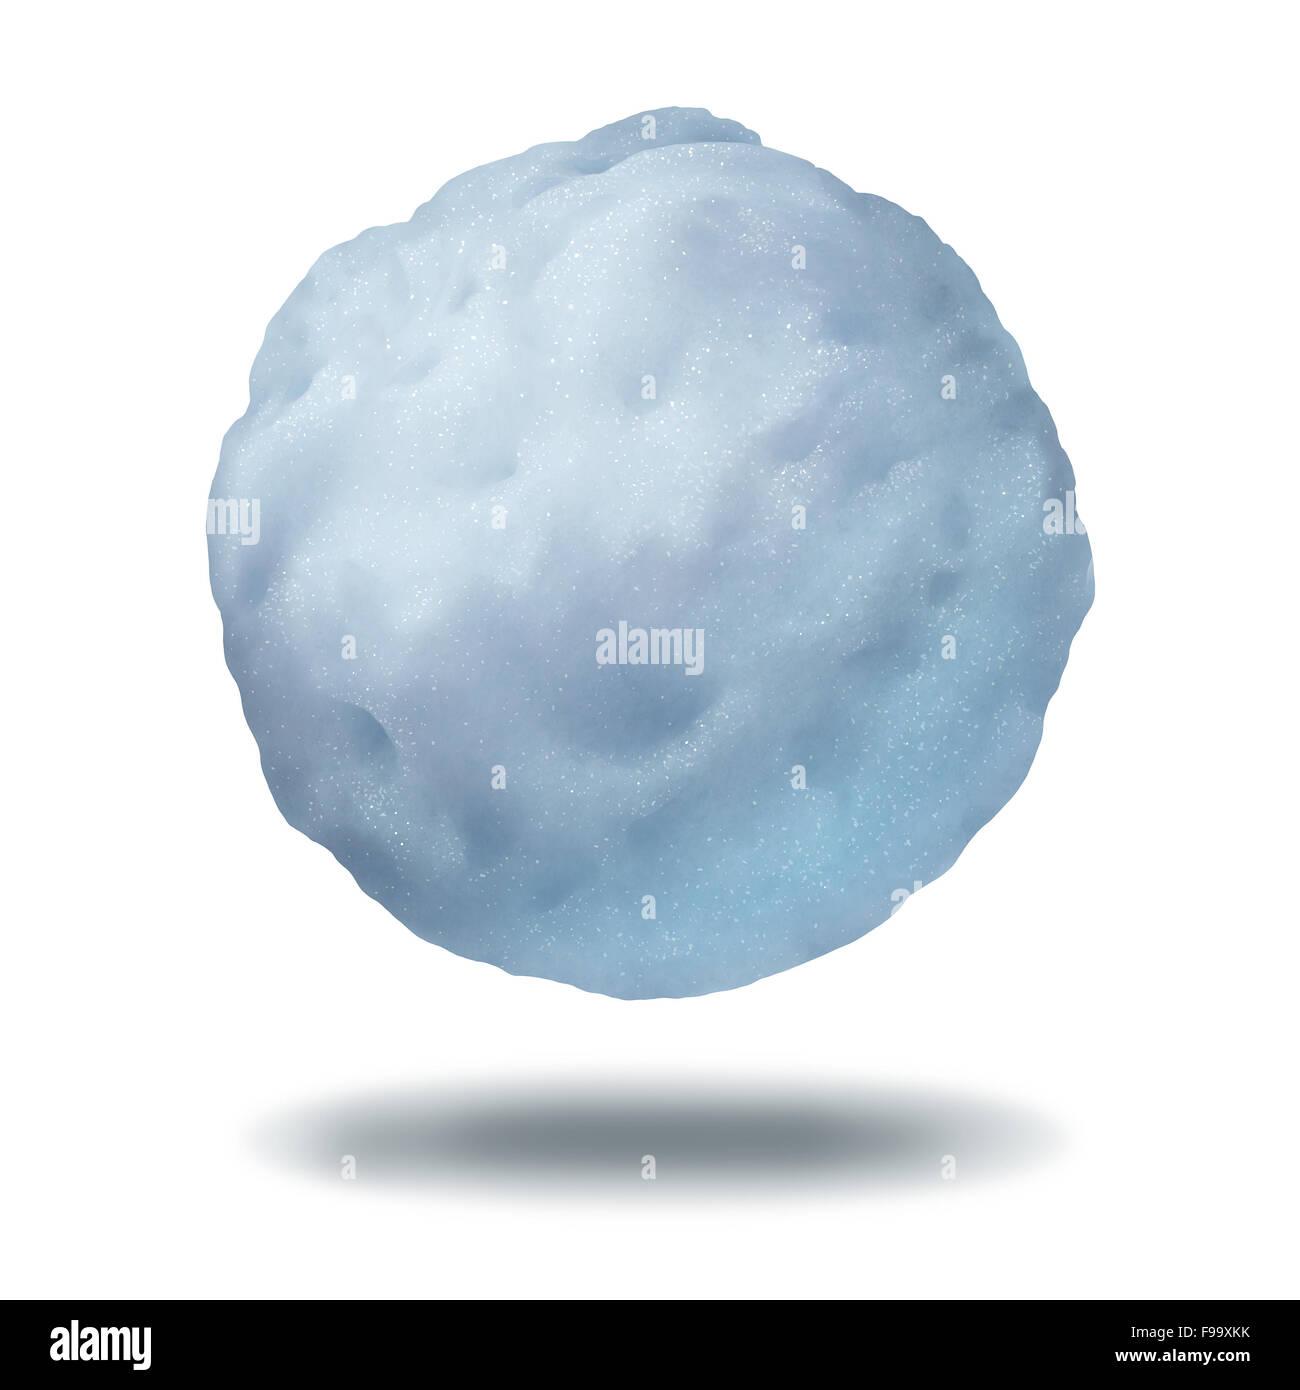 Snowball icona come un galleggiante o gettato inverno congelate di cristalli di ghiaccio oggetto sfera isolata su Immagini Stock